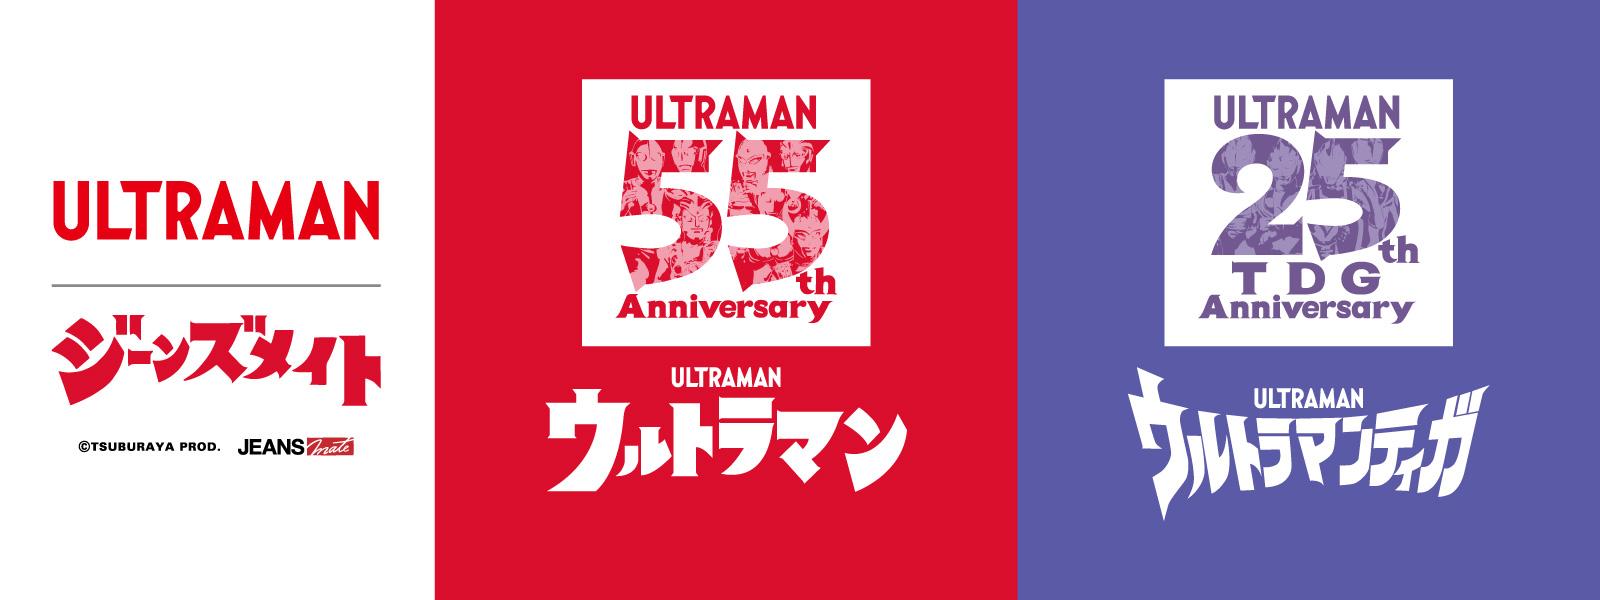 『ウルトラマン』『ウルトラマンティガ』ジーンズメイトオリジナルTシャツ 2021年6月5日(土)よりジーンズメイト公式ECサイト及び実店舗にて販売開始